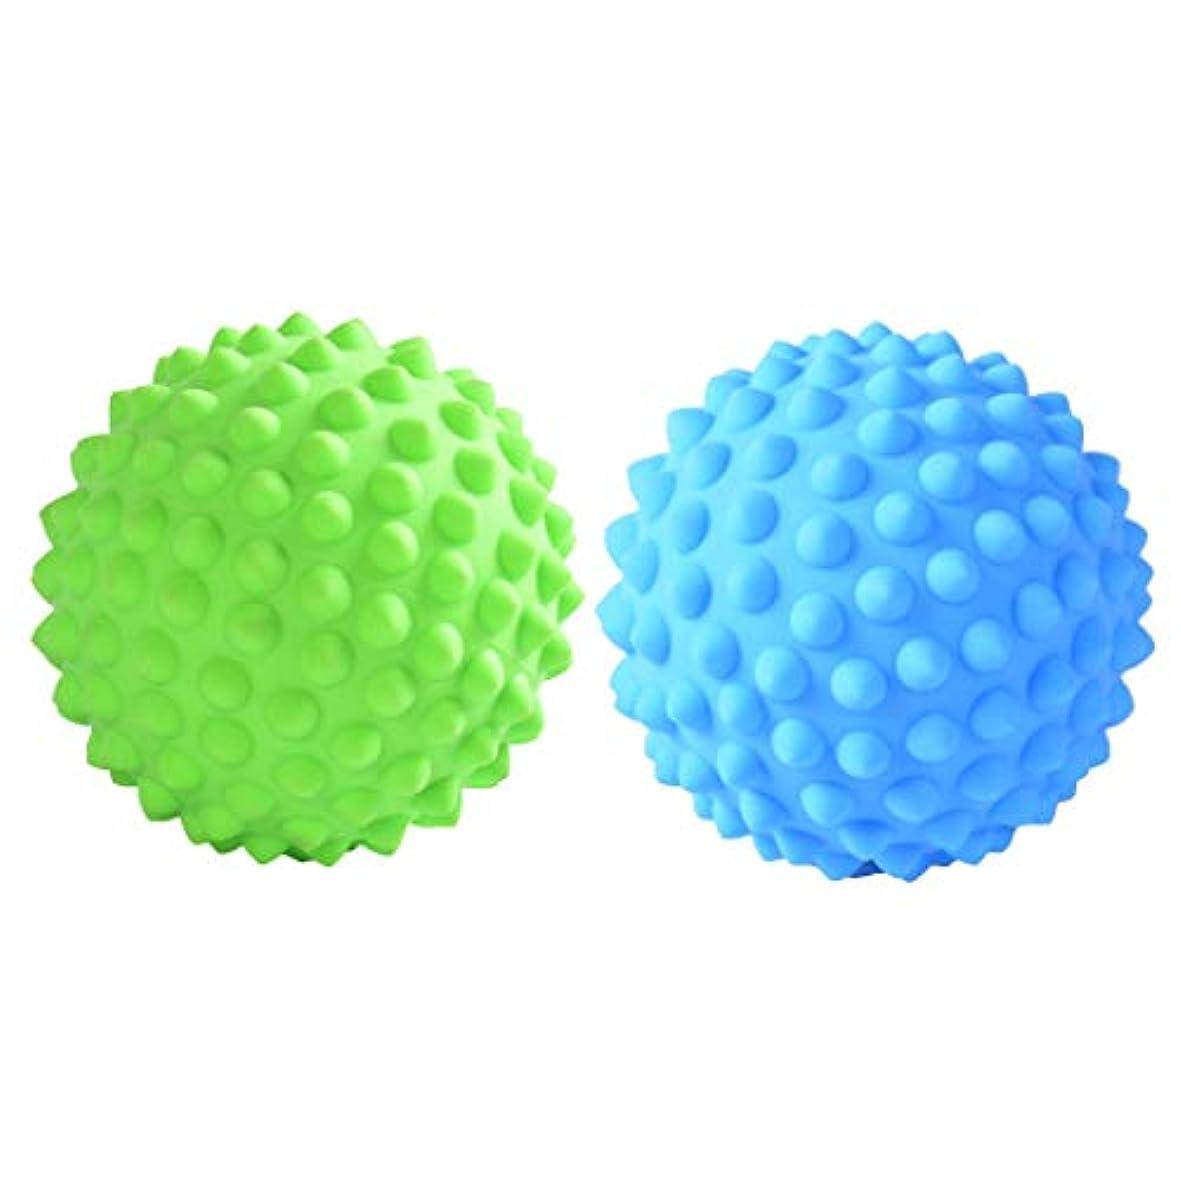 修正軍隊潜在的なchiwanji マッサージローラーボール 指圧ボール トリガーポイント 疲れ解消ボール ヨガ 疲労軽減 2個入